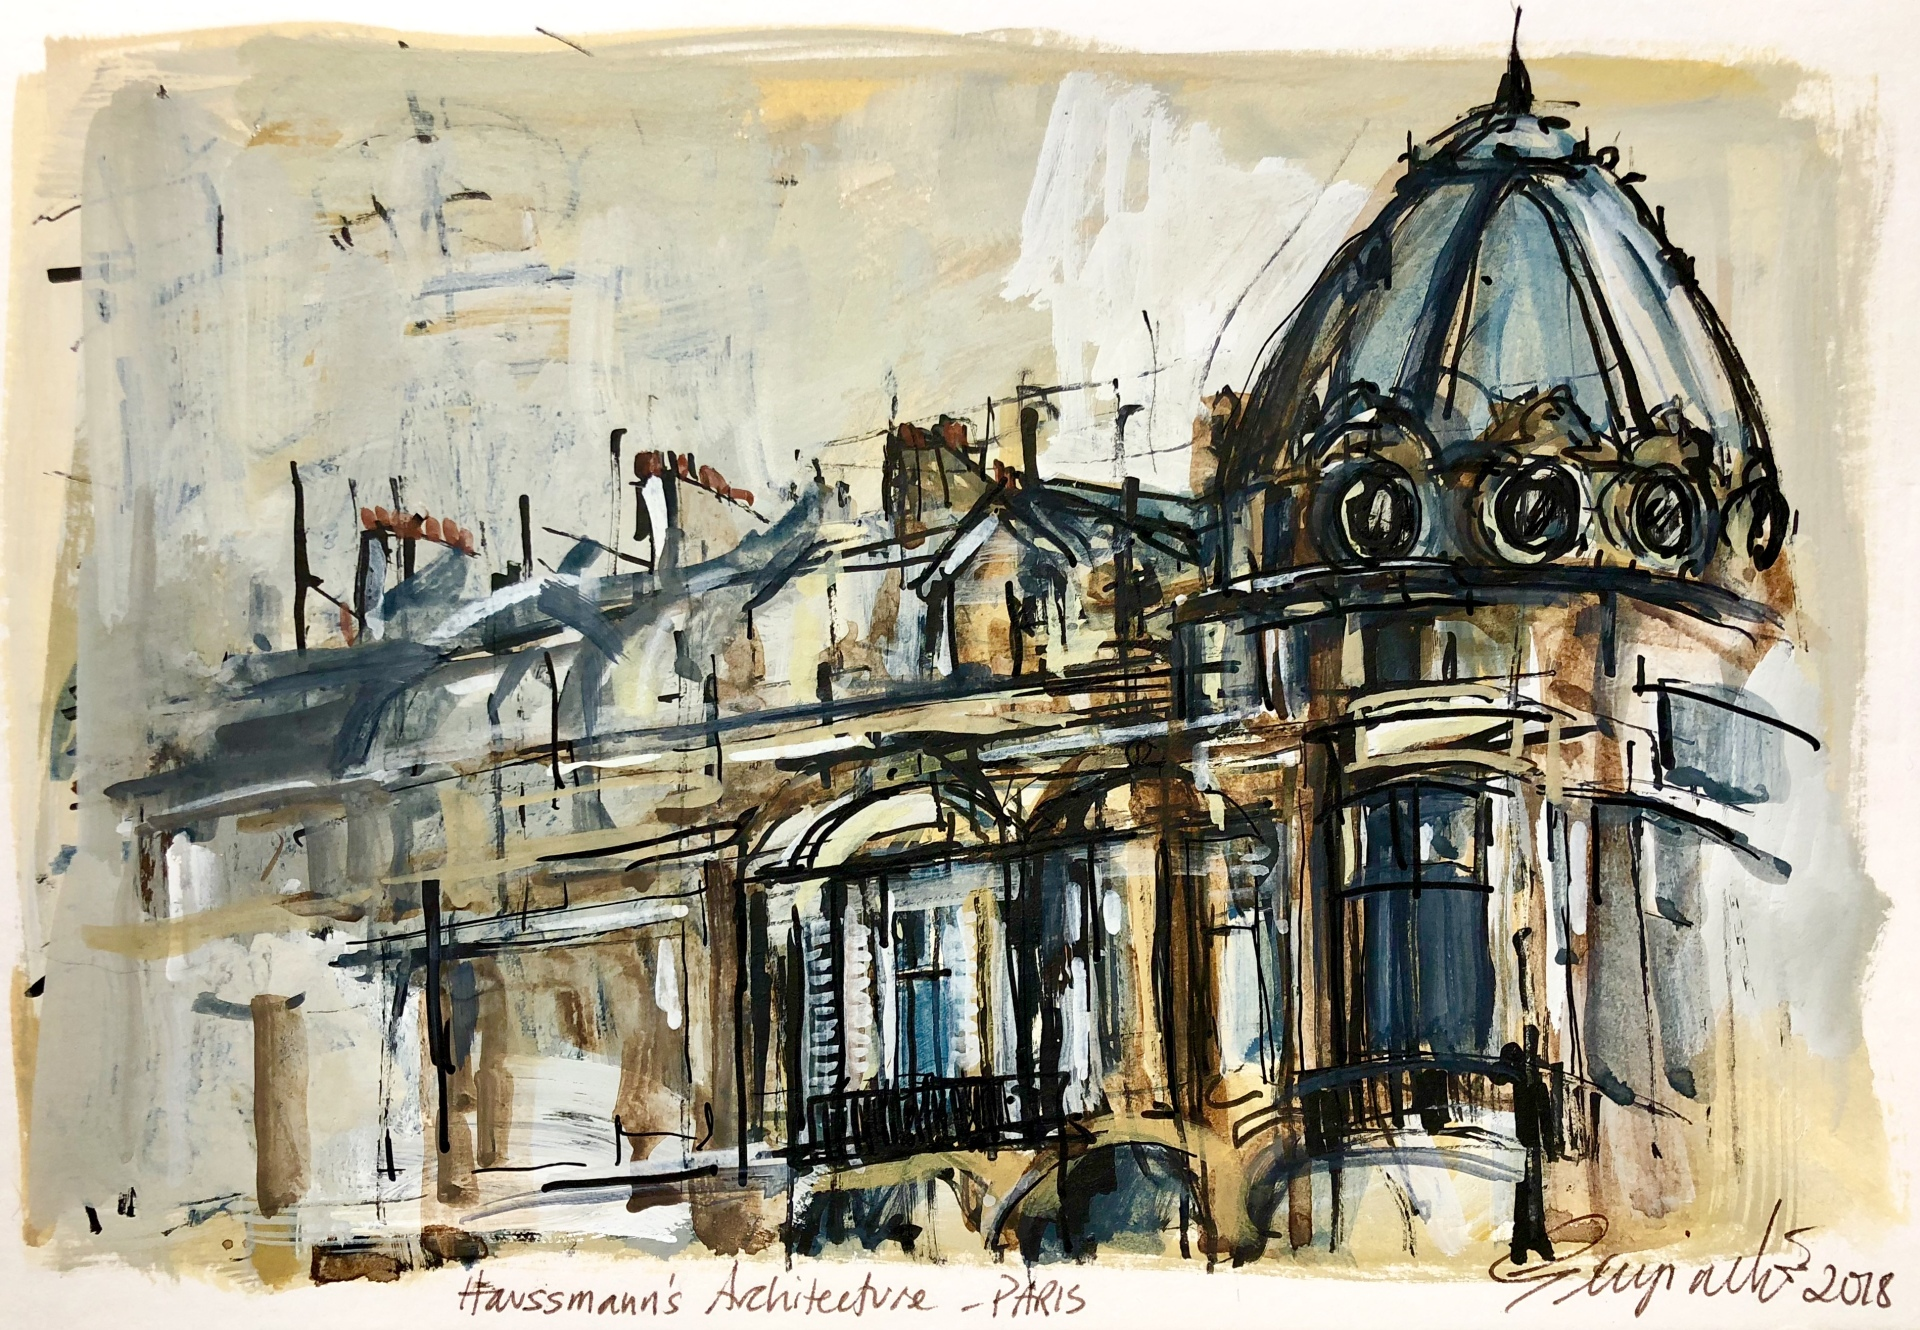 Haussmann's Architcture PARIS